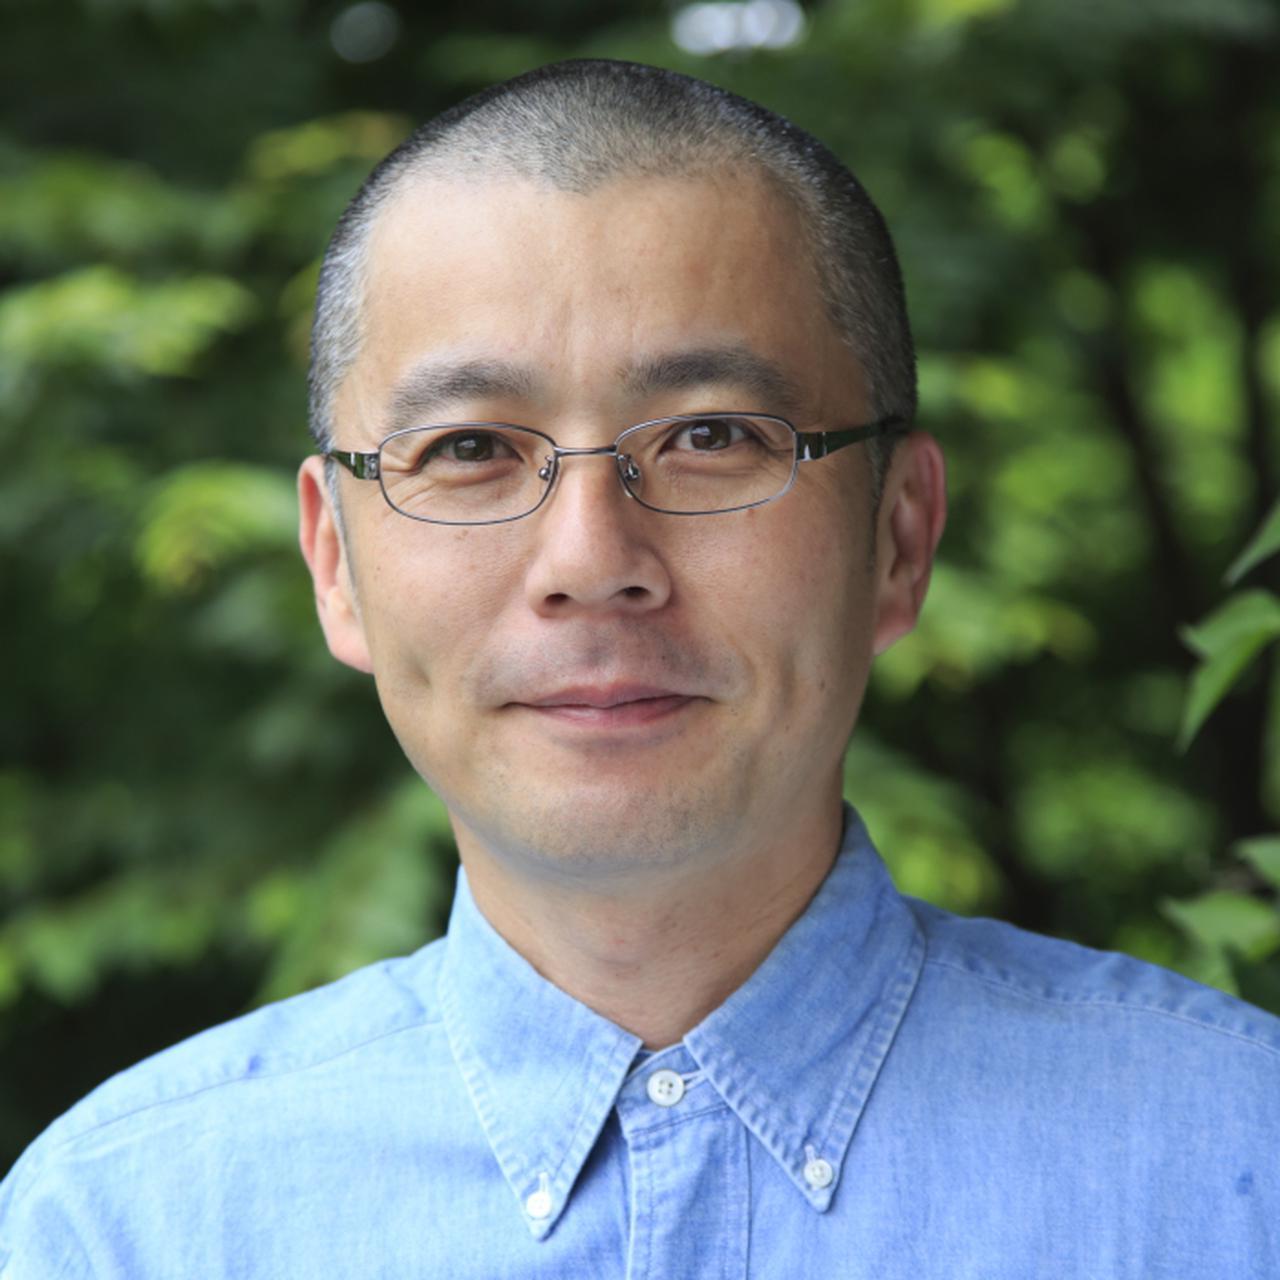 画像: 1967年3月京都市生まれ。大阪芸術大学写真学科卒業後にストックフォトや海外旅行のガイドブックの撮影などで世界中を巡る中で各地の美しい夜景に触れ、自分でも撮り始めて夜景写真家として今に至る。日本写真家協会(JPS)会員、キヤノンEOS学園東京校講師